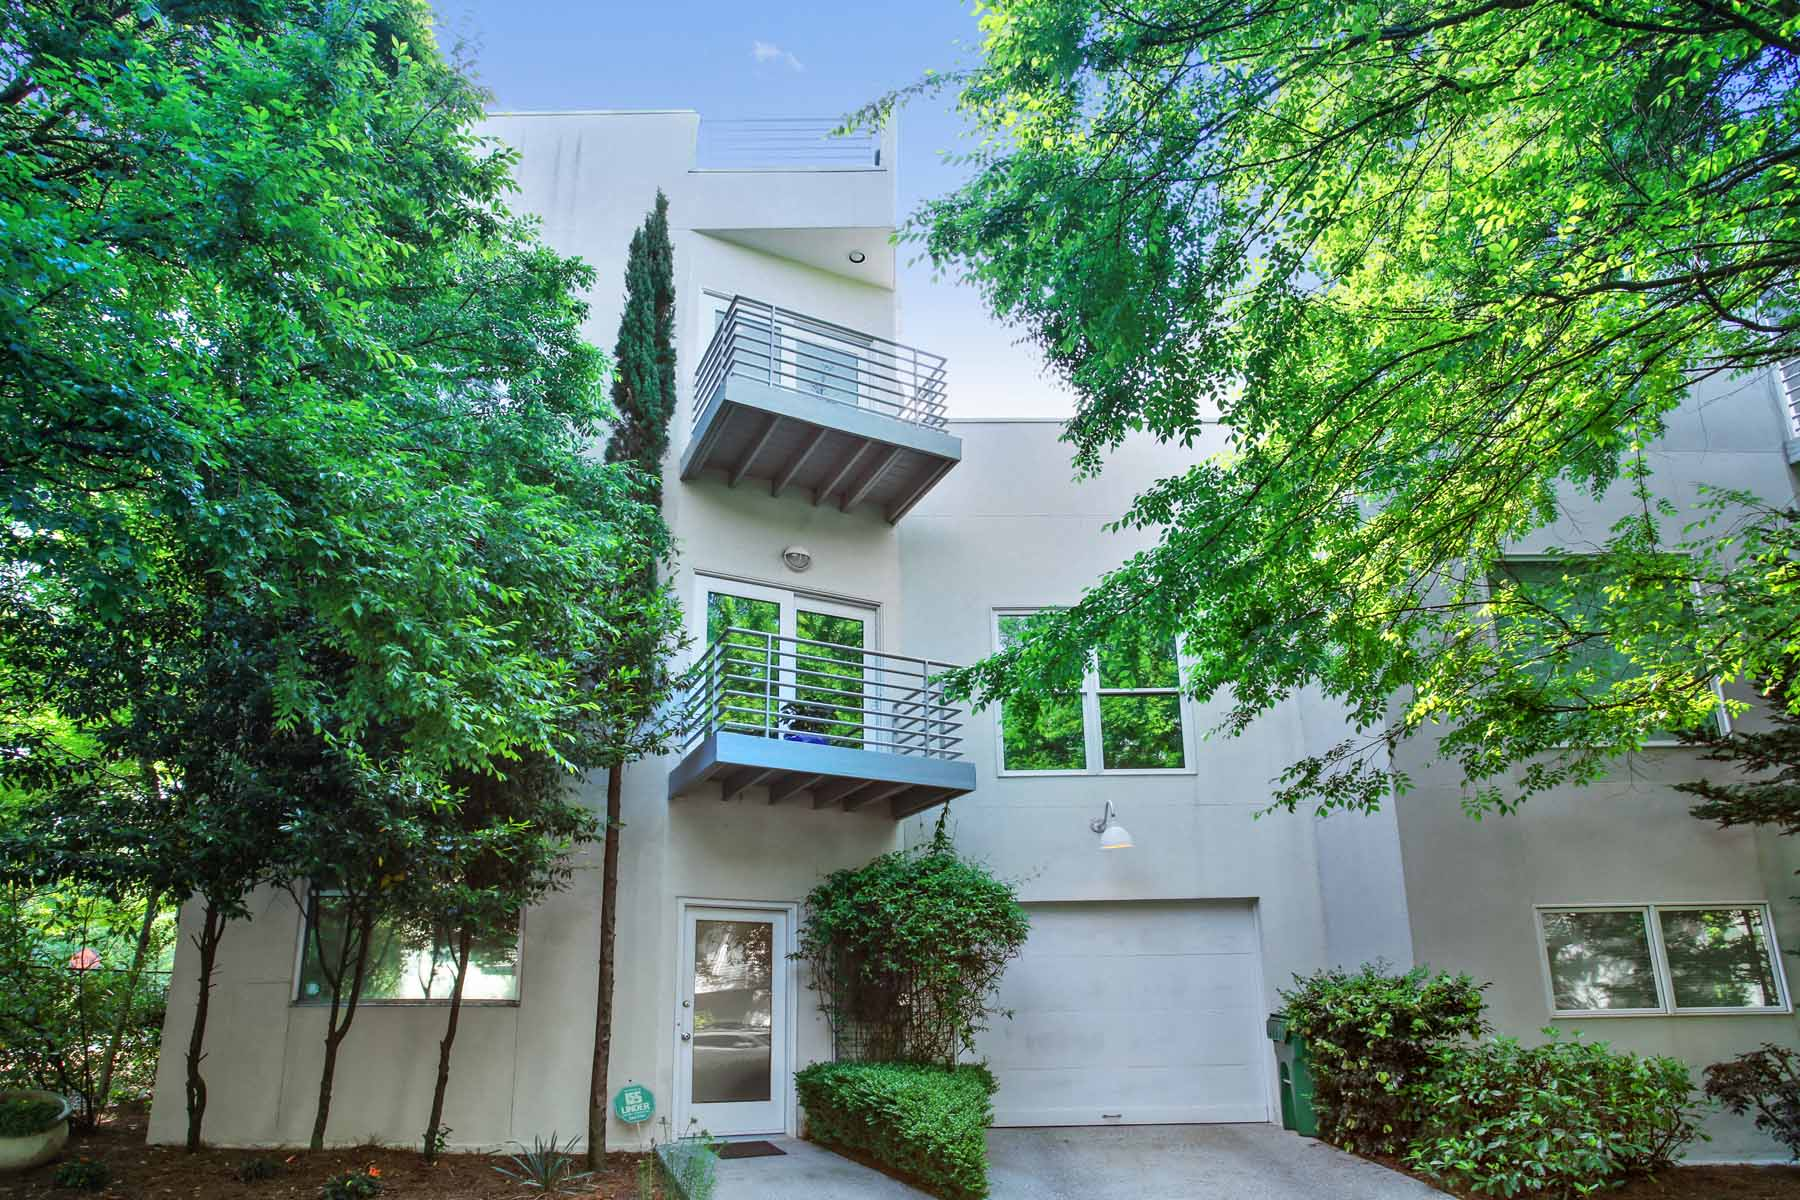 Copropriété pour l Vente à An Award-Winning Designer's Home 2197 Millennium Way NE Atlanta, Georgia, 30319 États-Unis